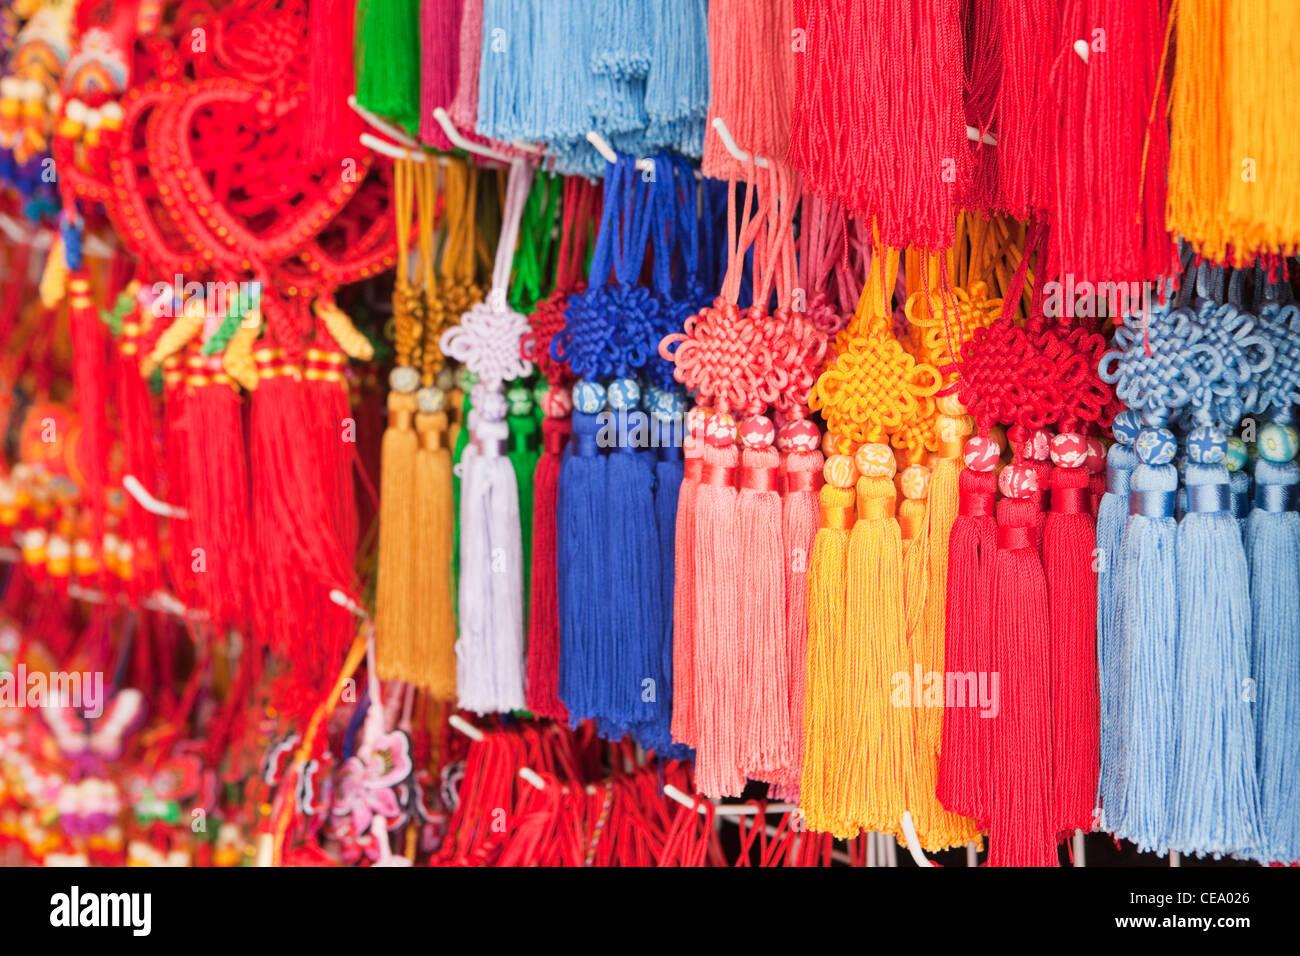 Amore nodi per la vendita; l' Yuyuan Bazar; Shanghai; Cina Immagini Stock